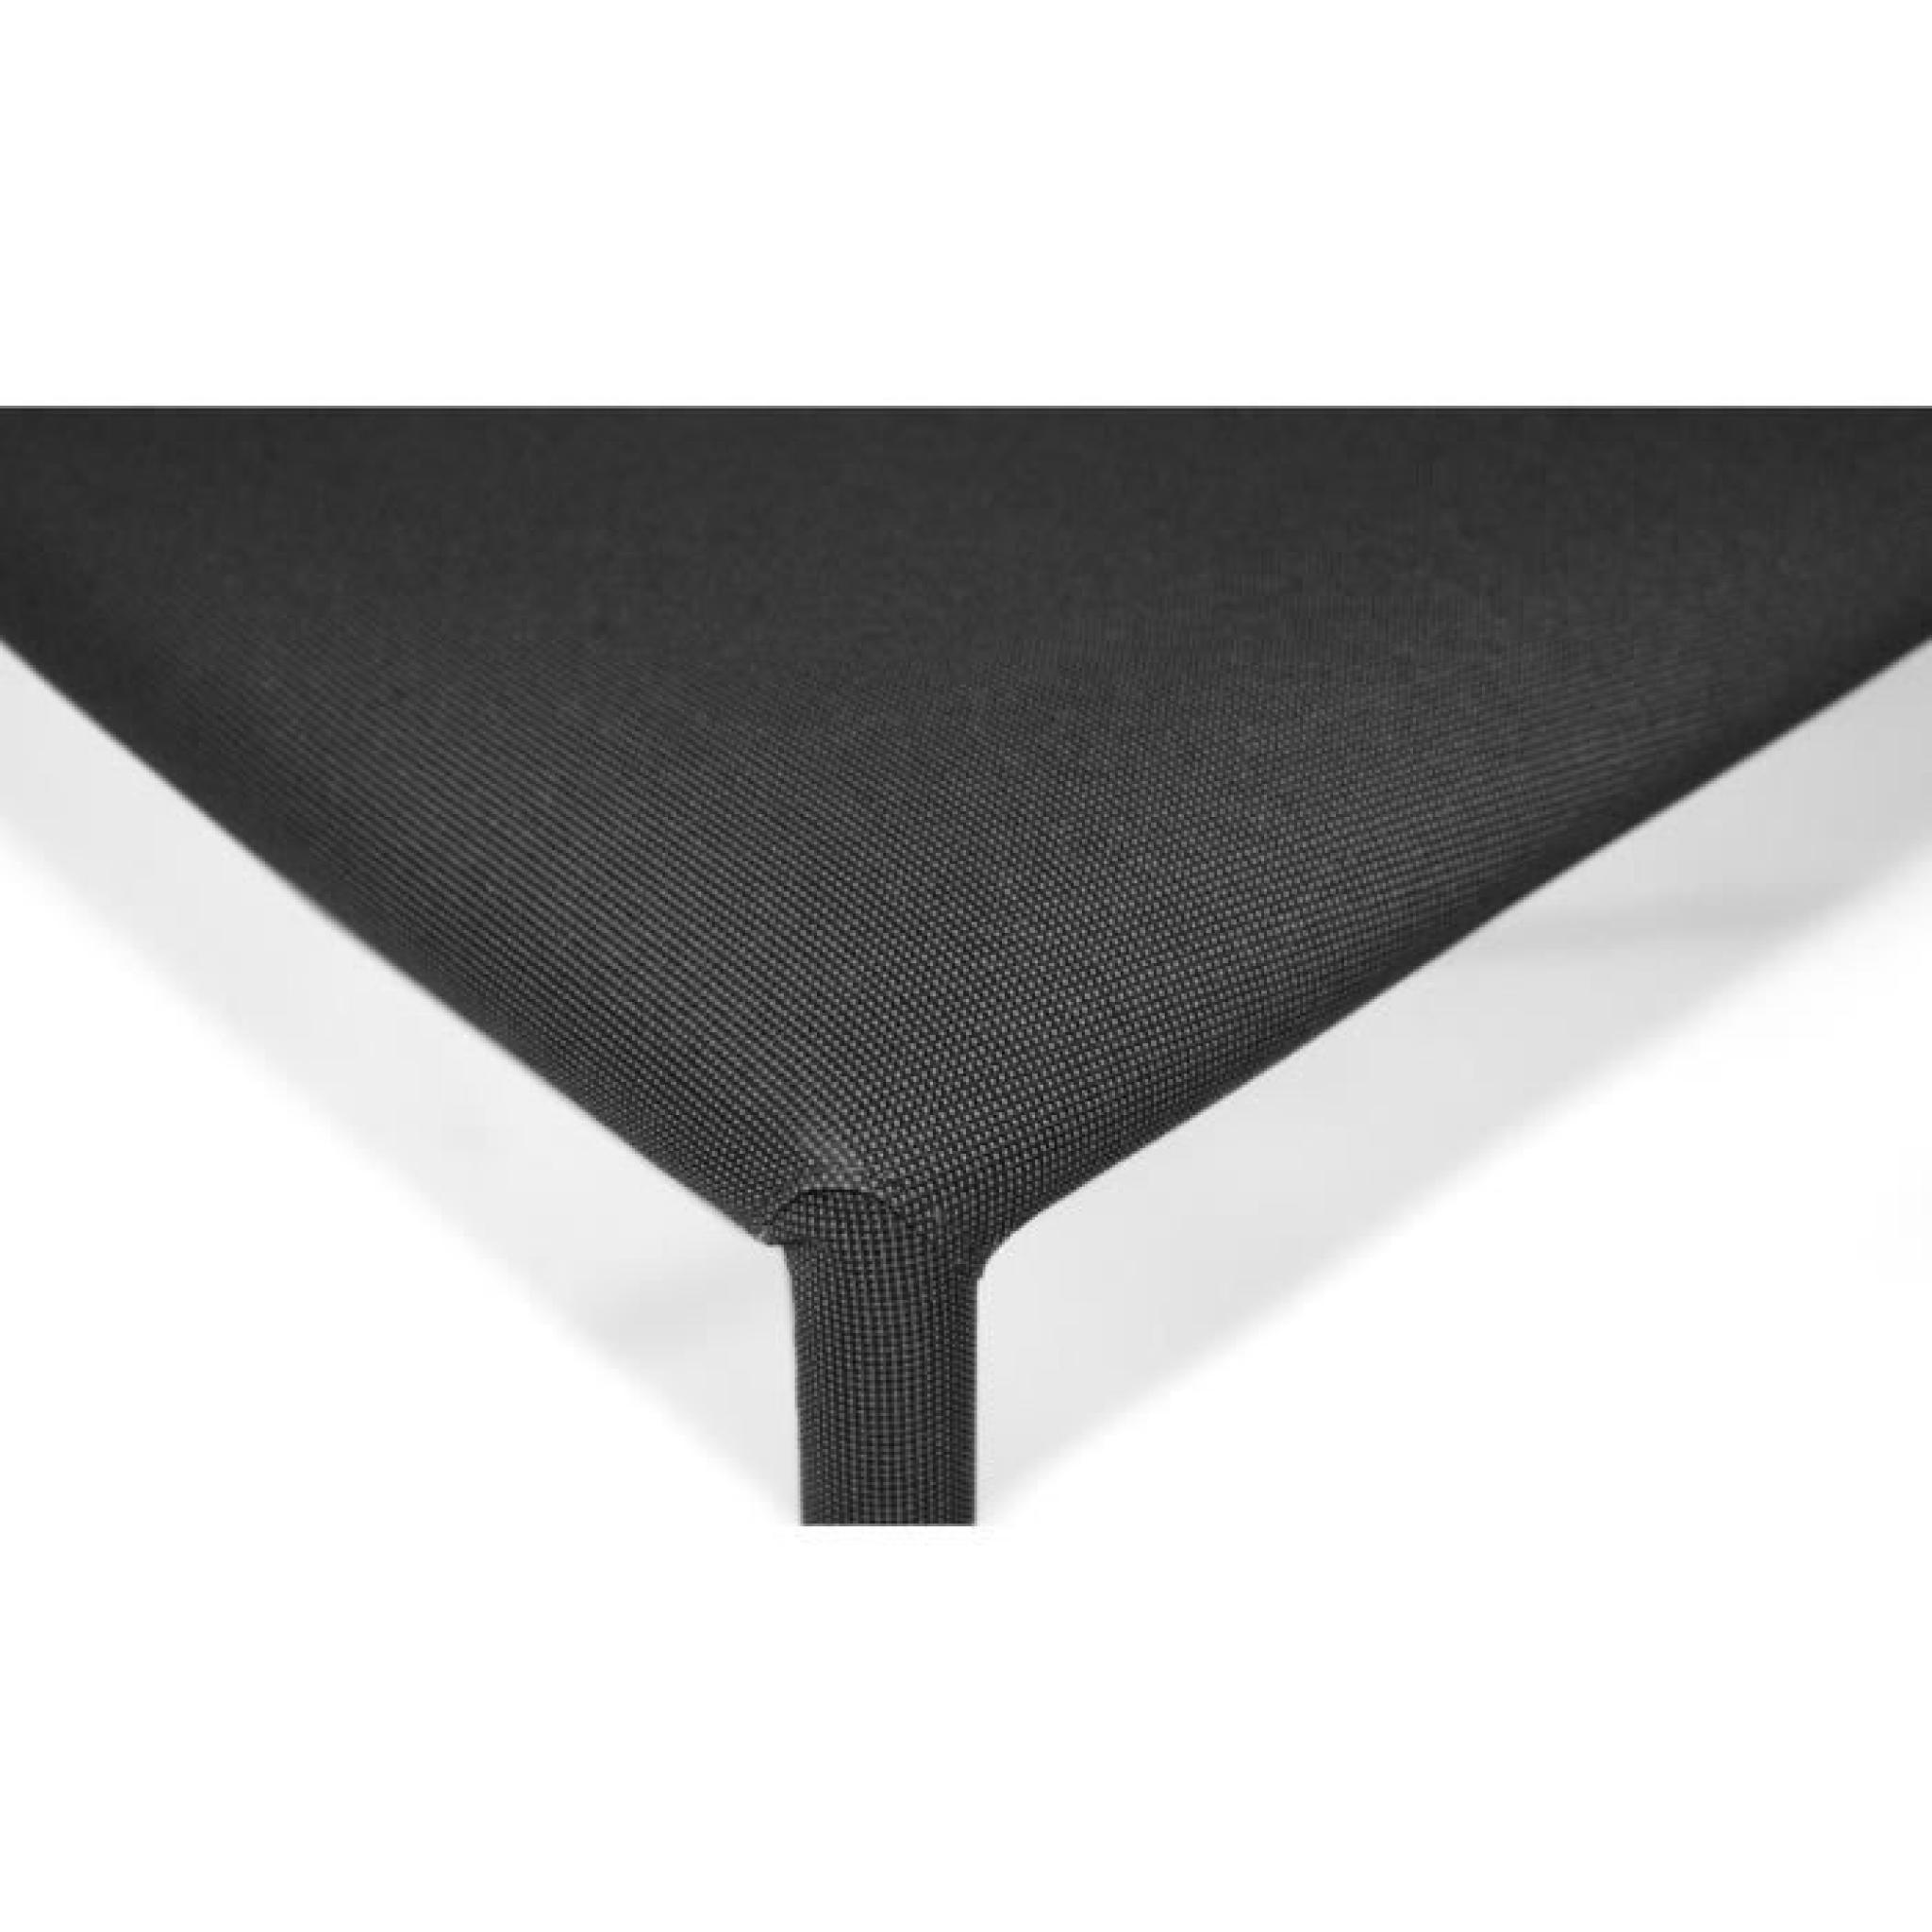 Lot de 6 chaises empilables modan noir achat vente chaise salle a manger pa - Chaise pas cher lot de 6 ...